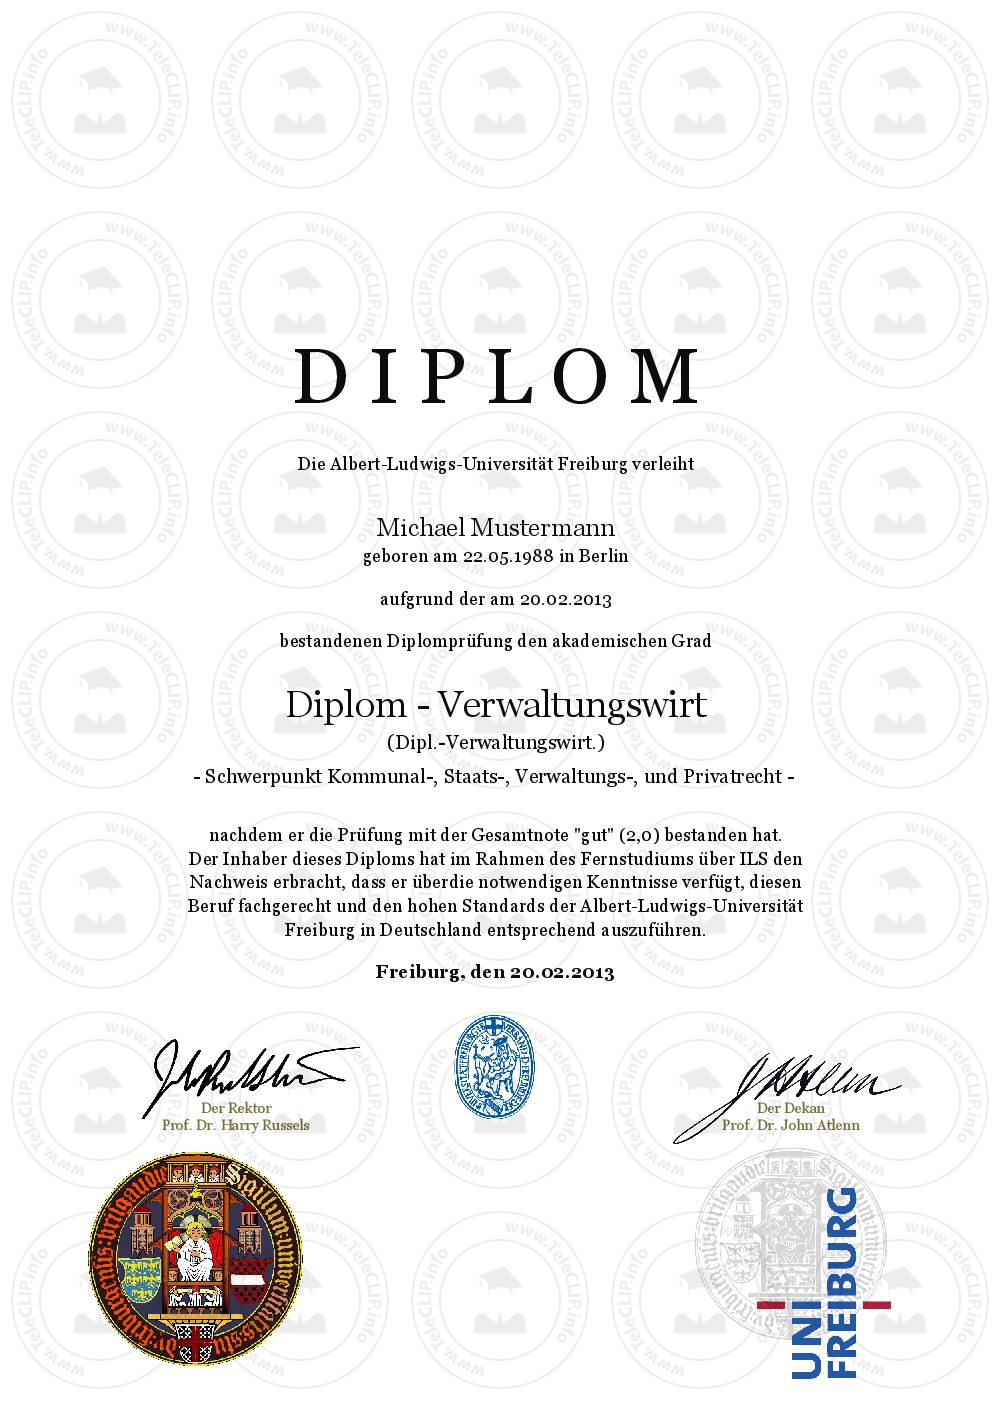 Diplom Urkunde Online Erstellen Gestalten Und Aus Wwwetwasinfo